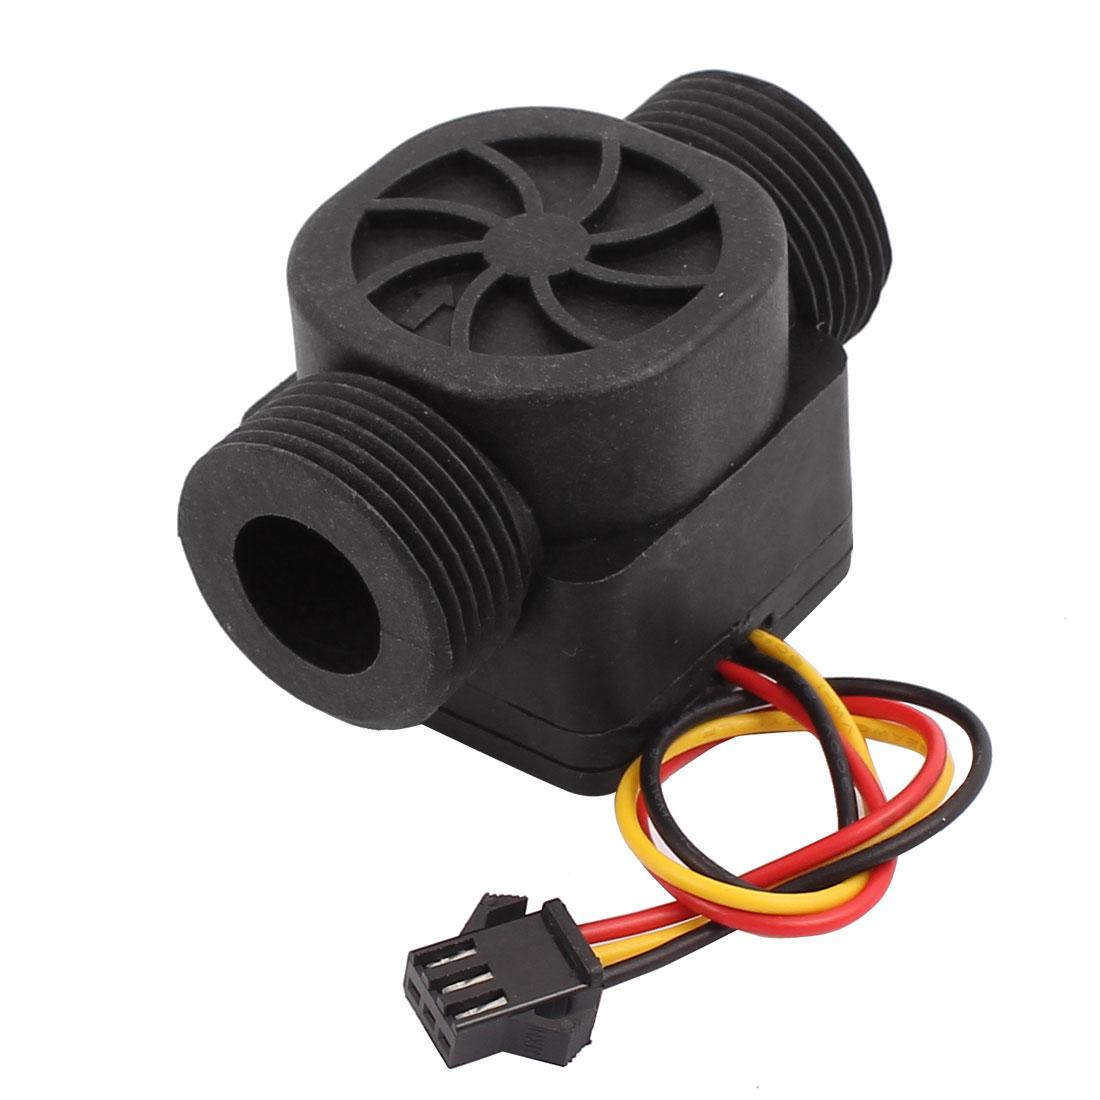 SEN-HZ43WA G3/4 Male Thread Plastic Hall Water Flow Sensor 1.75-43L/min 60mm